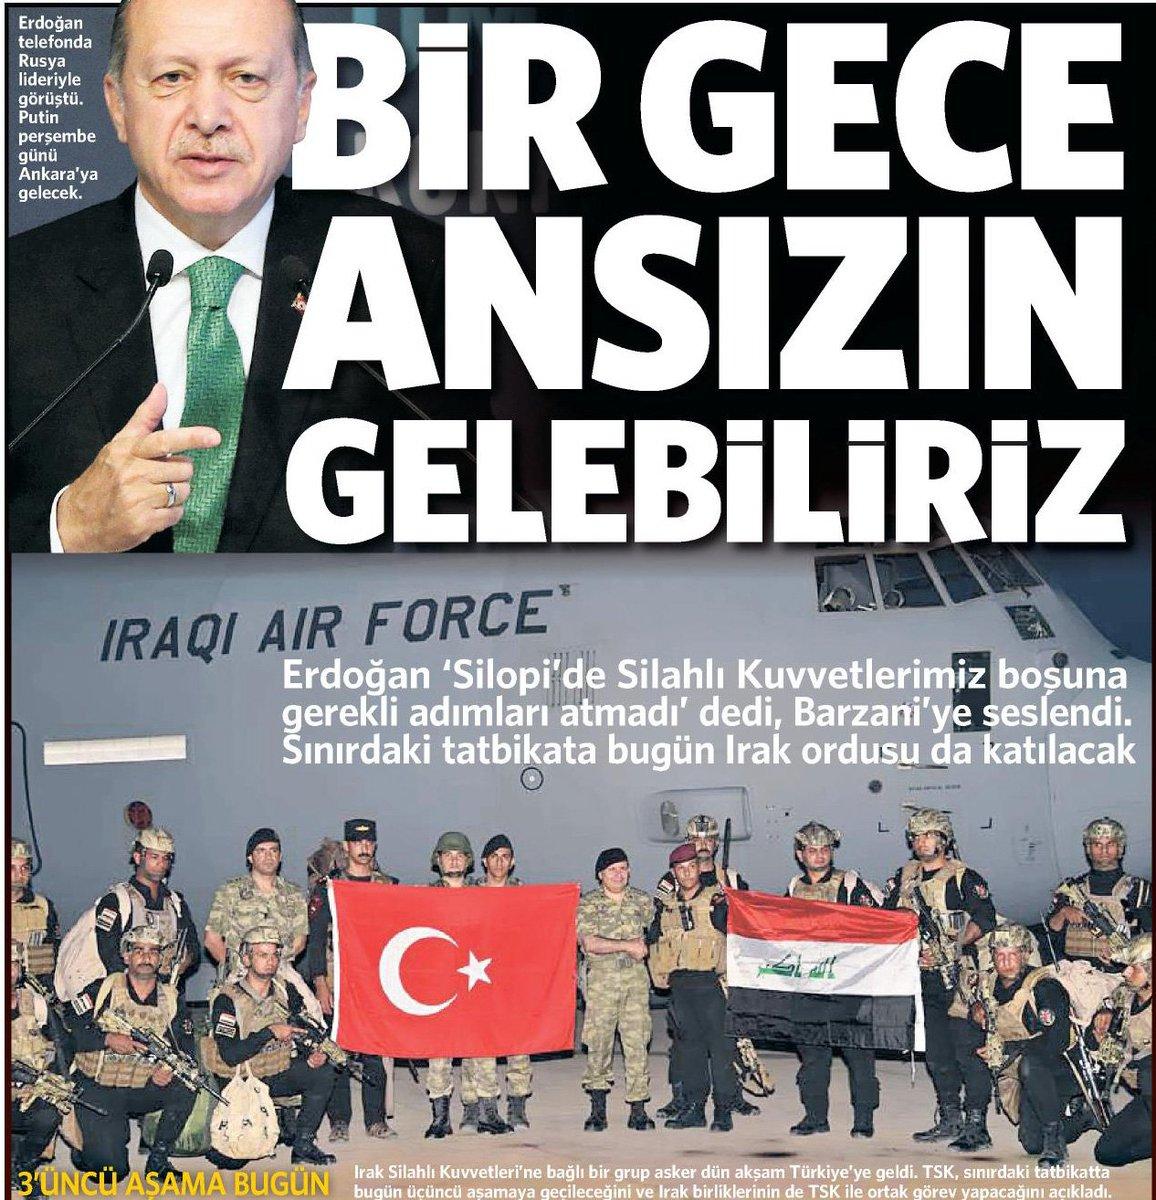 Erdoğan'ın o sözleri manşetlerde https:/...